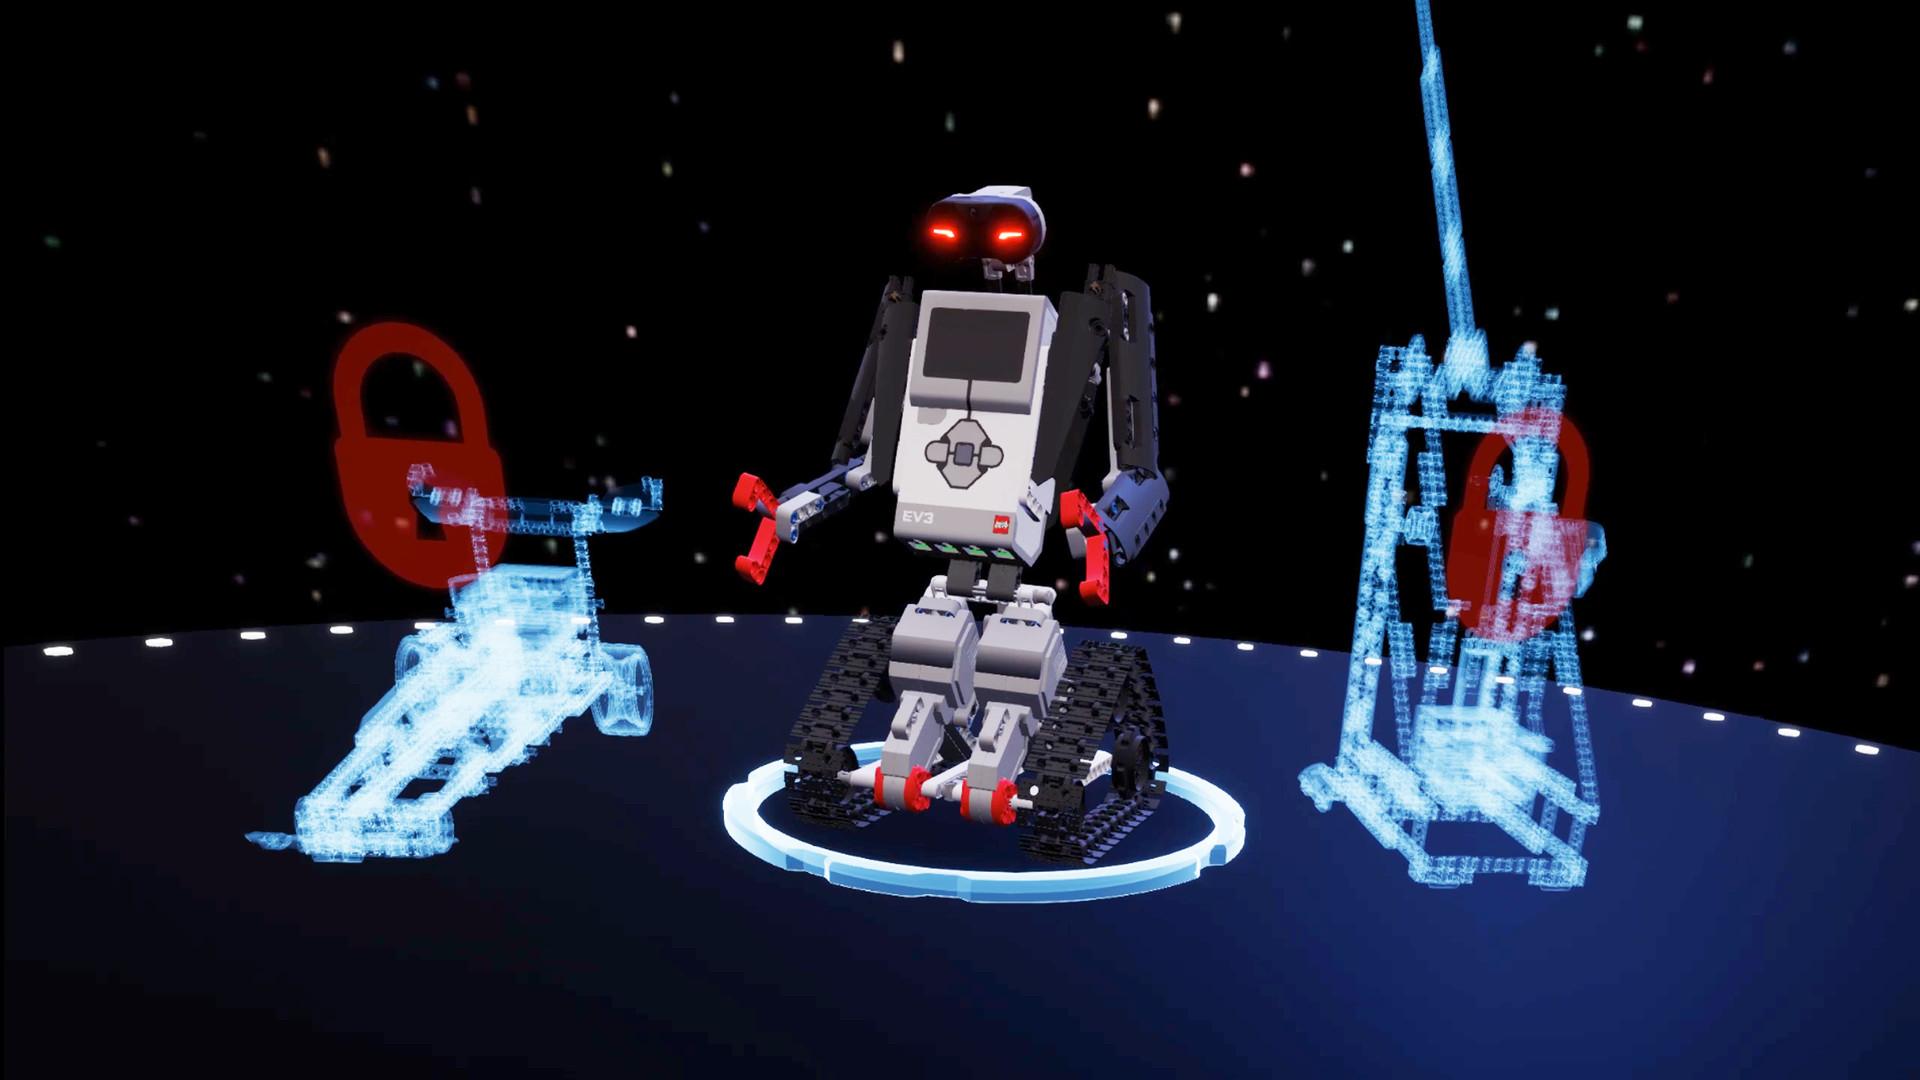 Robotics in VR